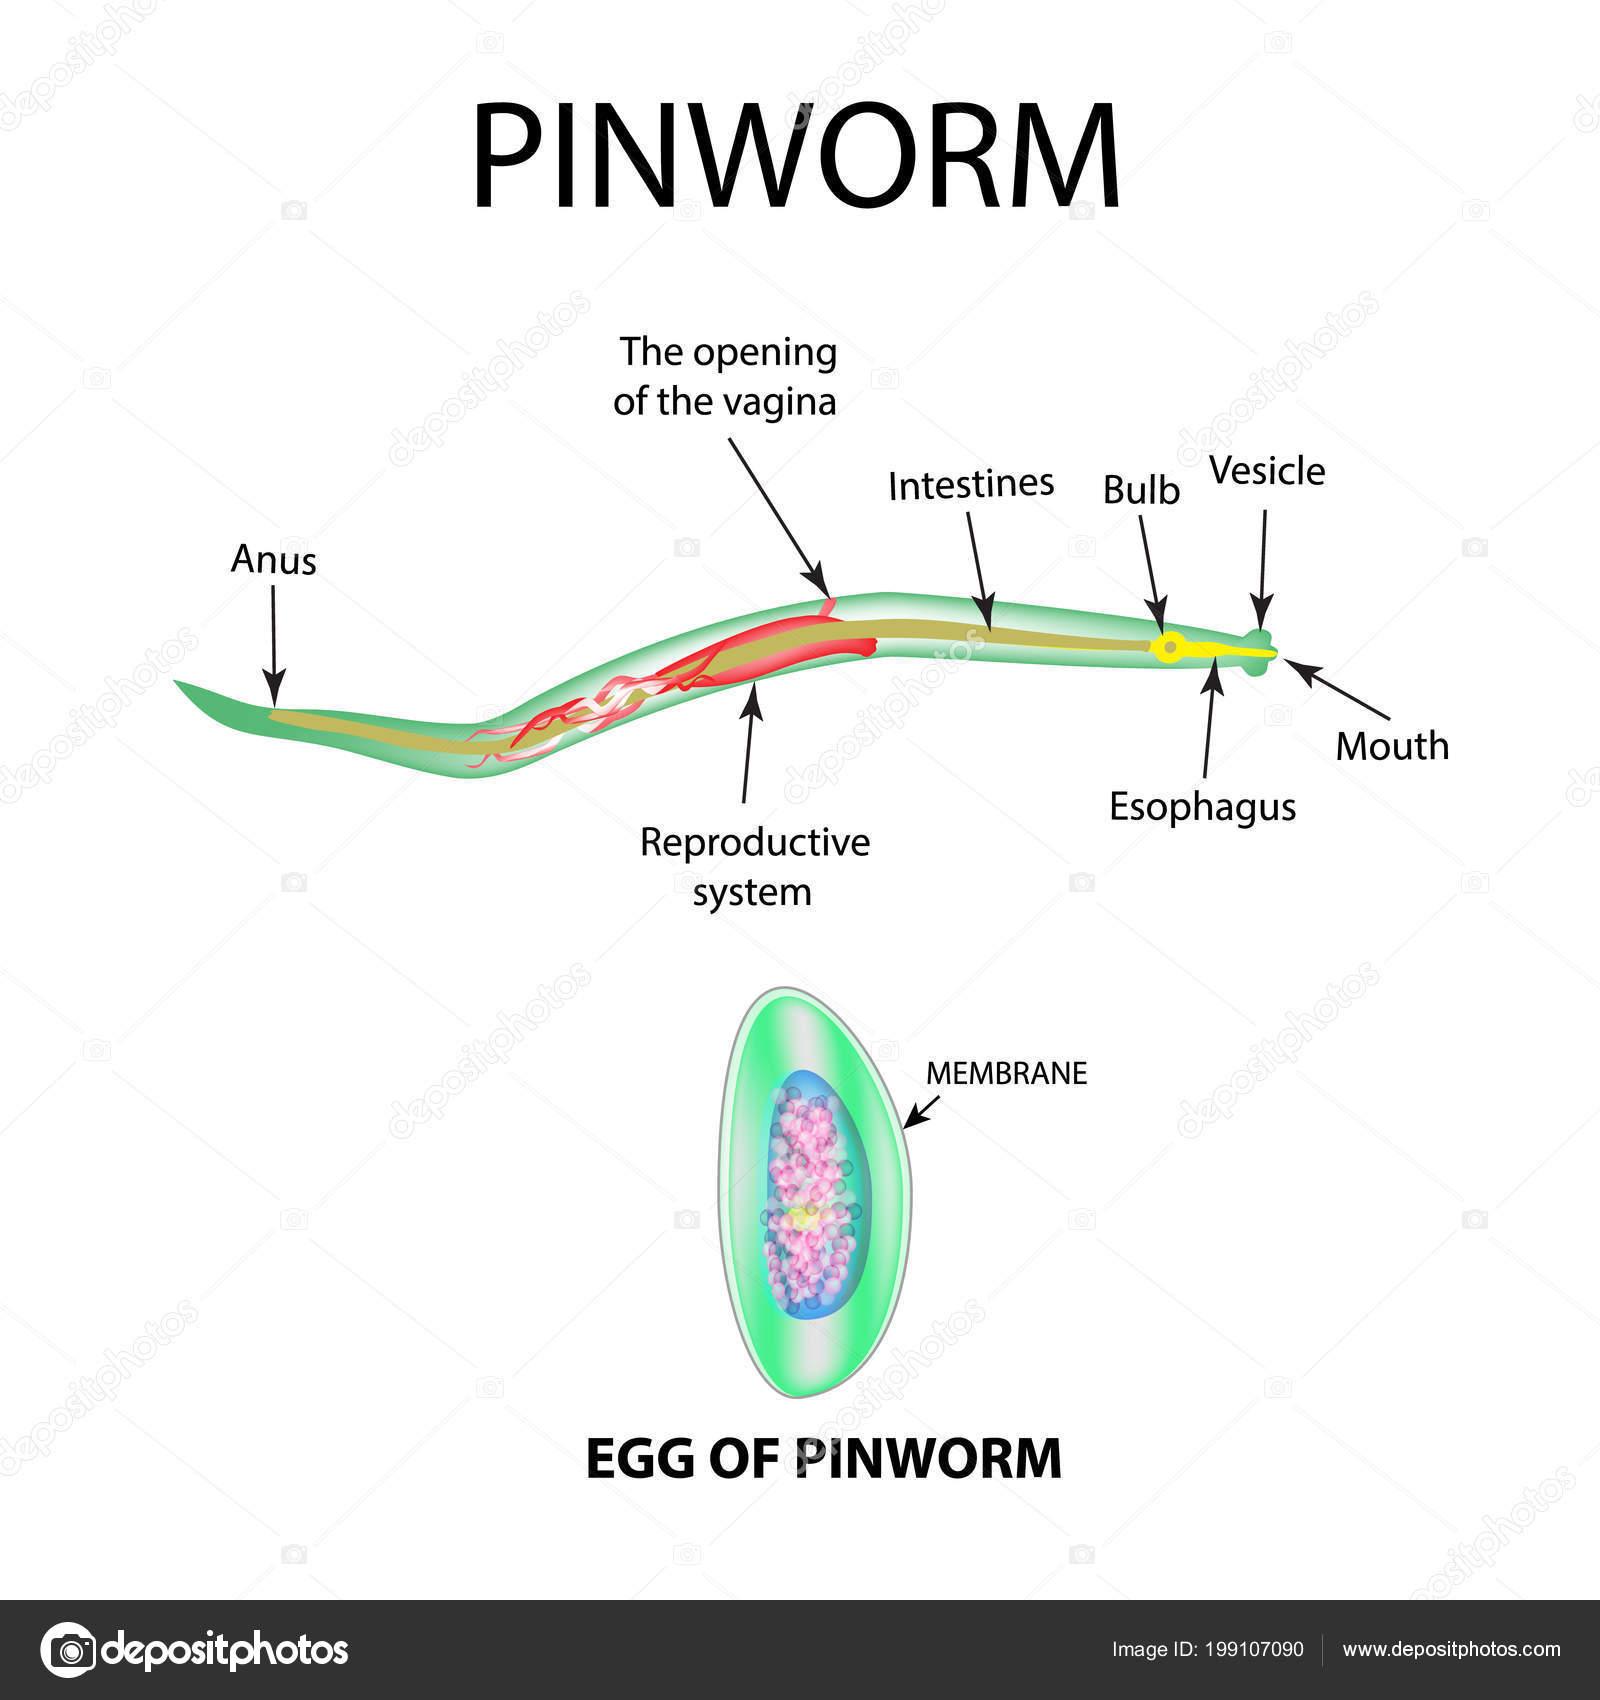 A pinworm az enterobiasis kórokozója